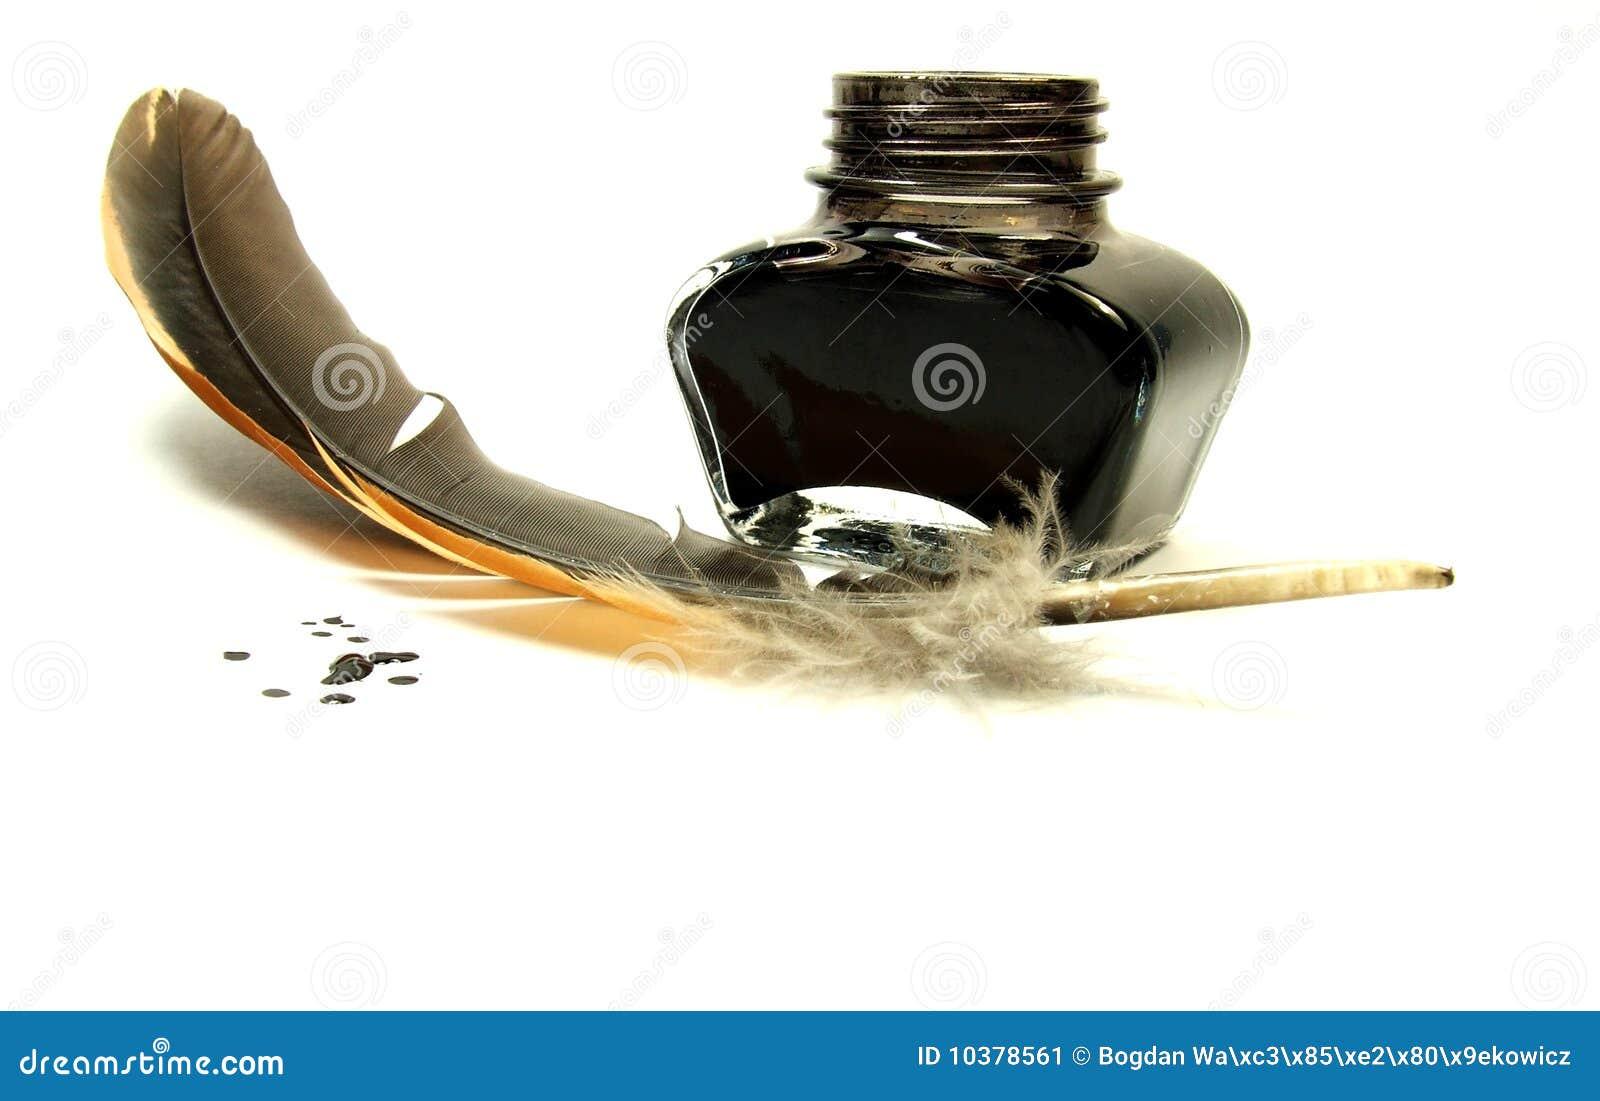 tintenfa und spule stockbild bild von spule schwarzes. Black Bedroom Furniture Sets. Home Design Ideas